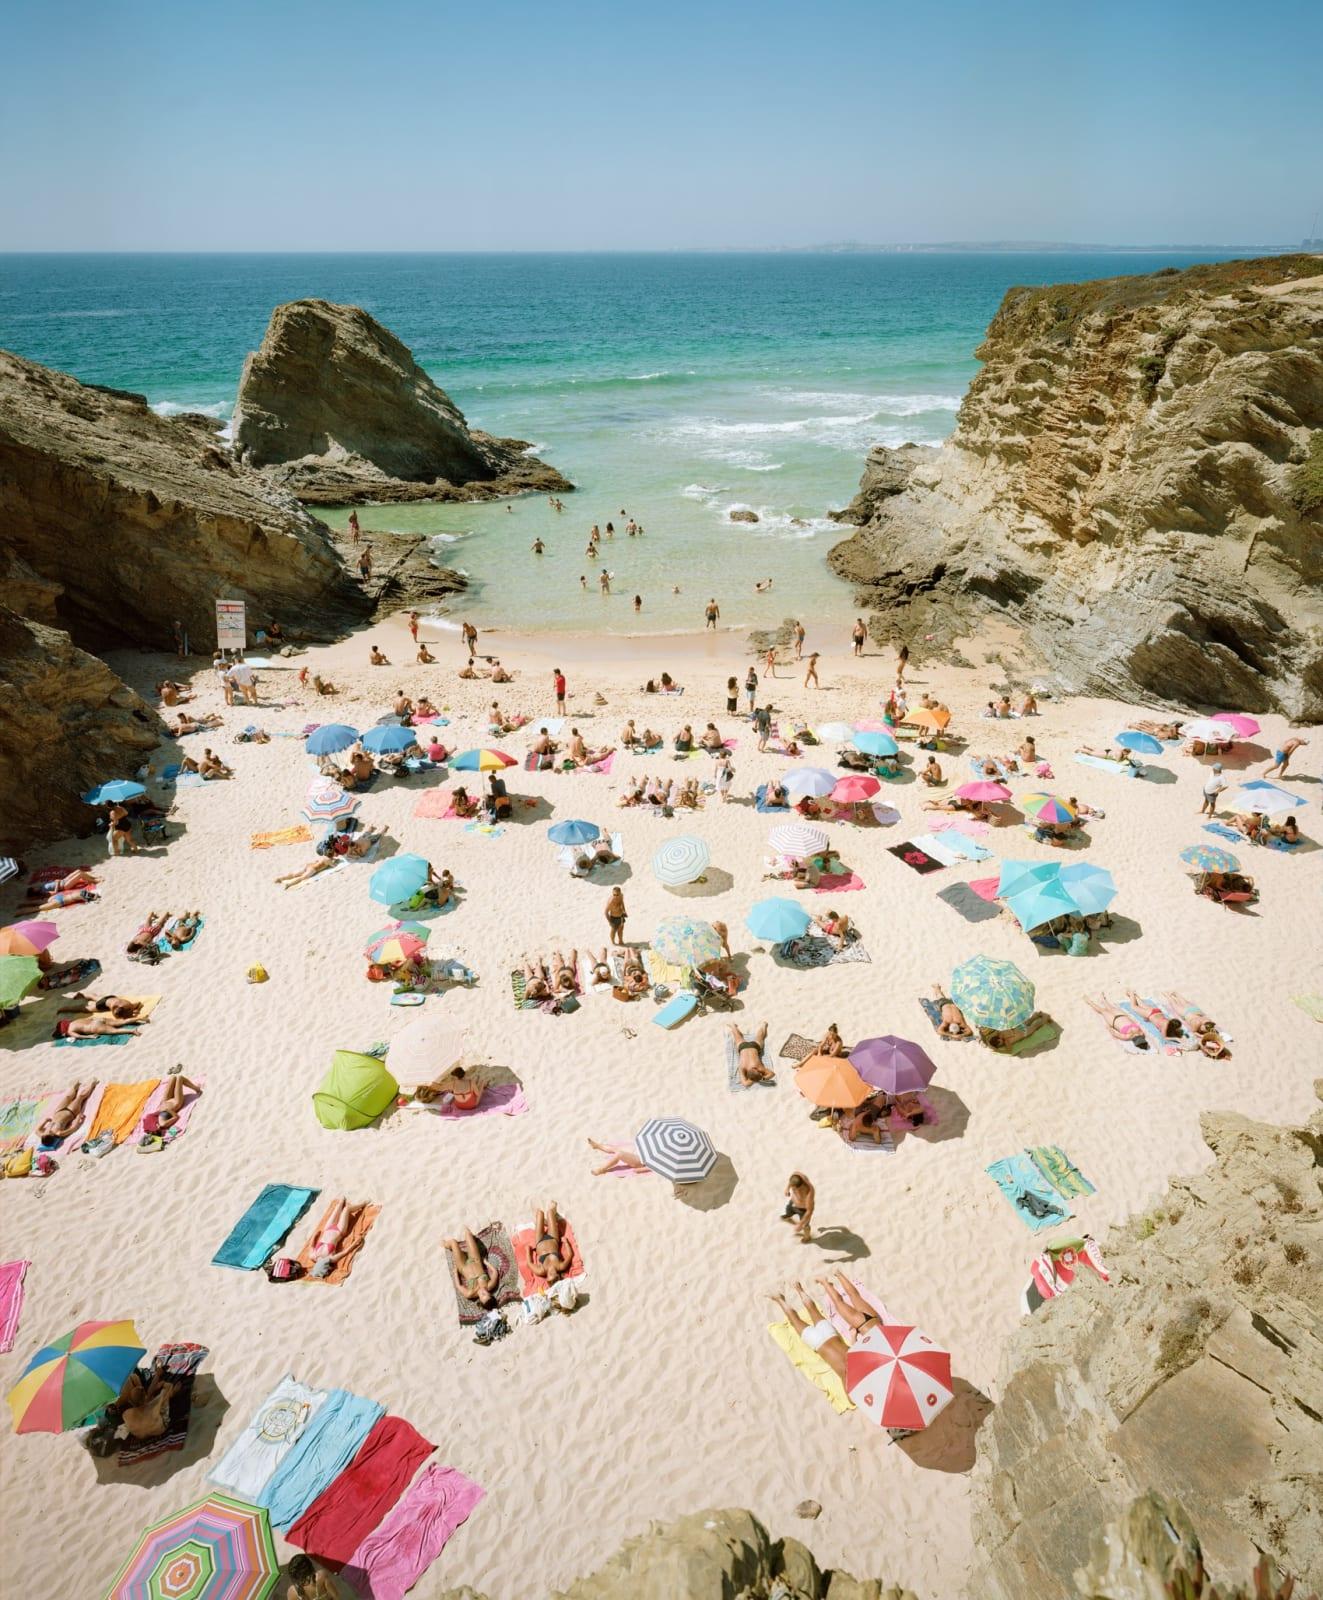 Christian Chaize Praia Piquinia 09/08/15 15h42